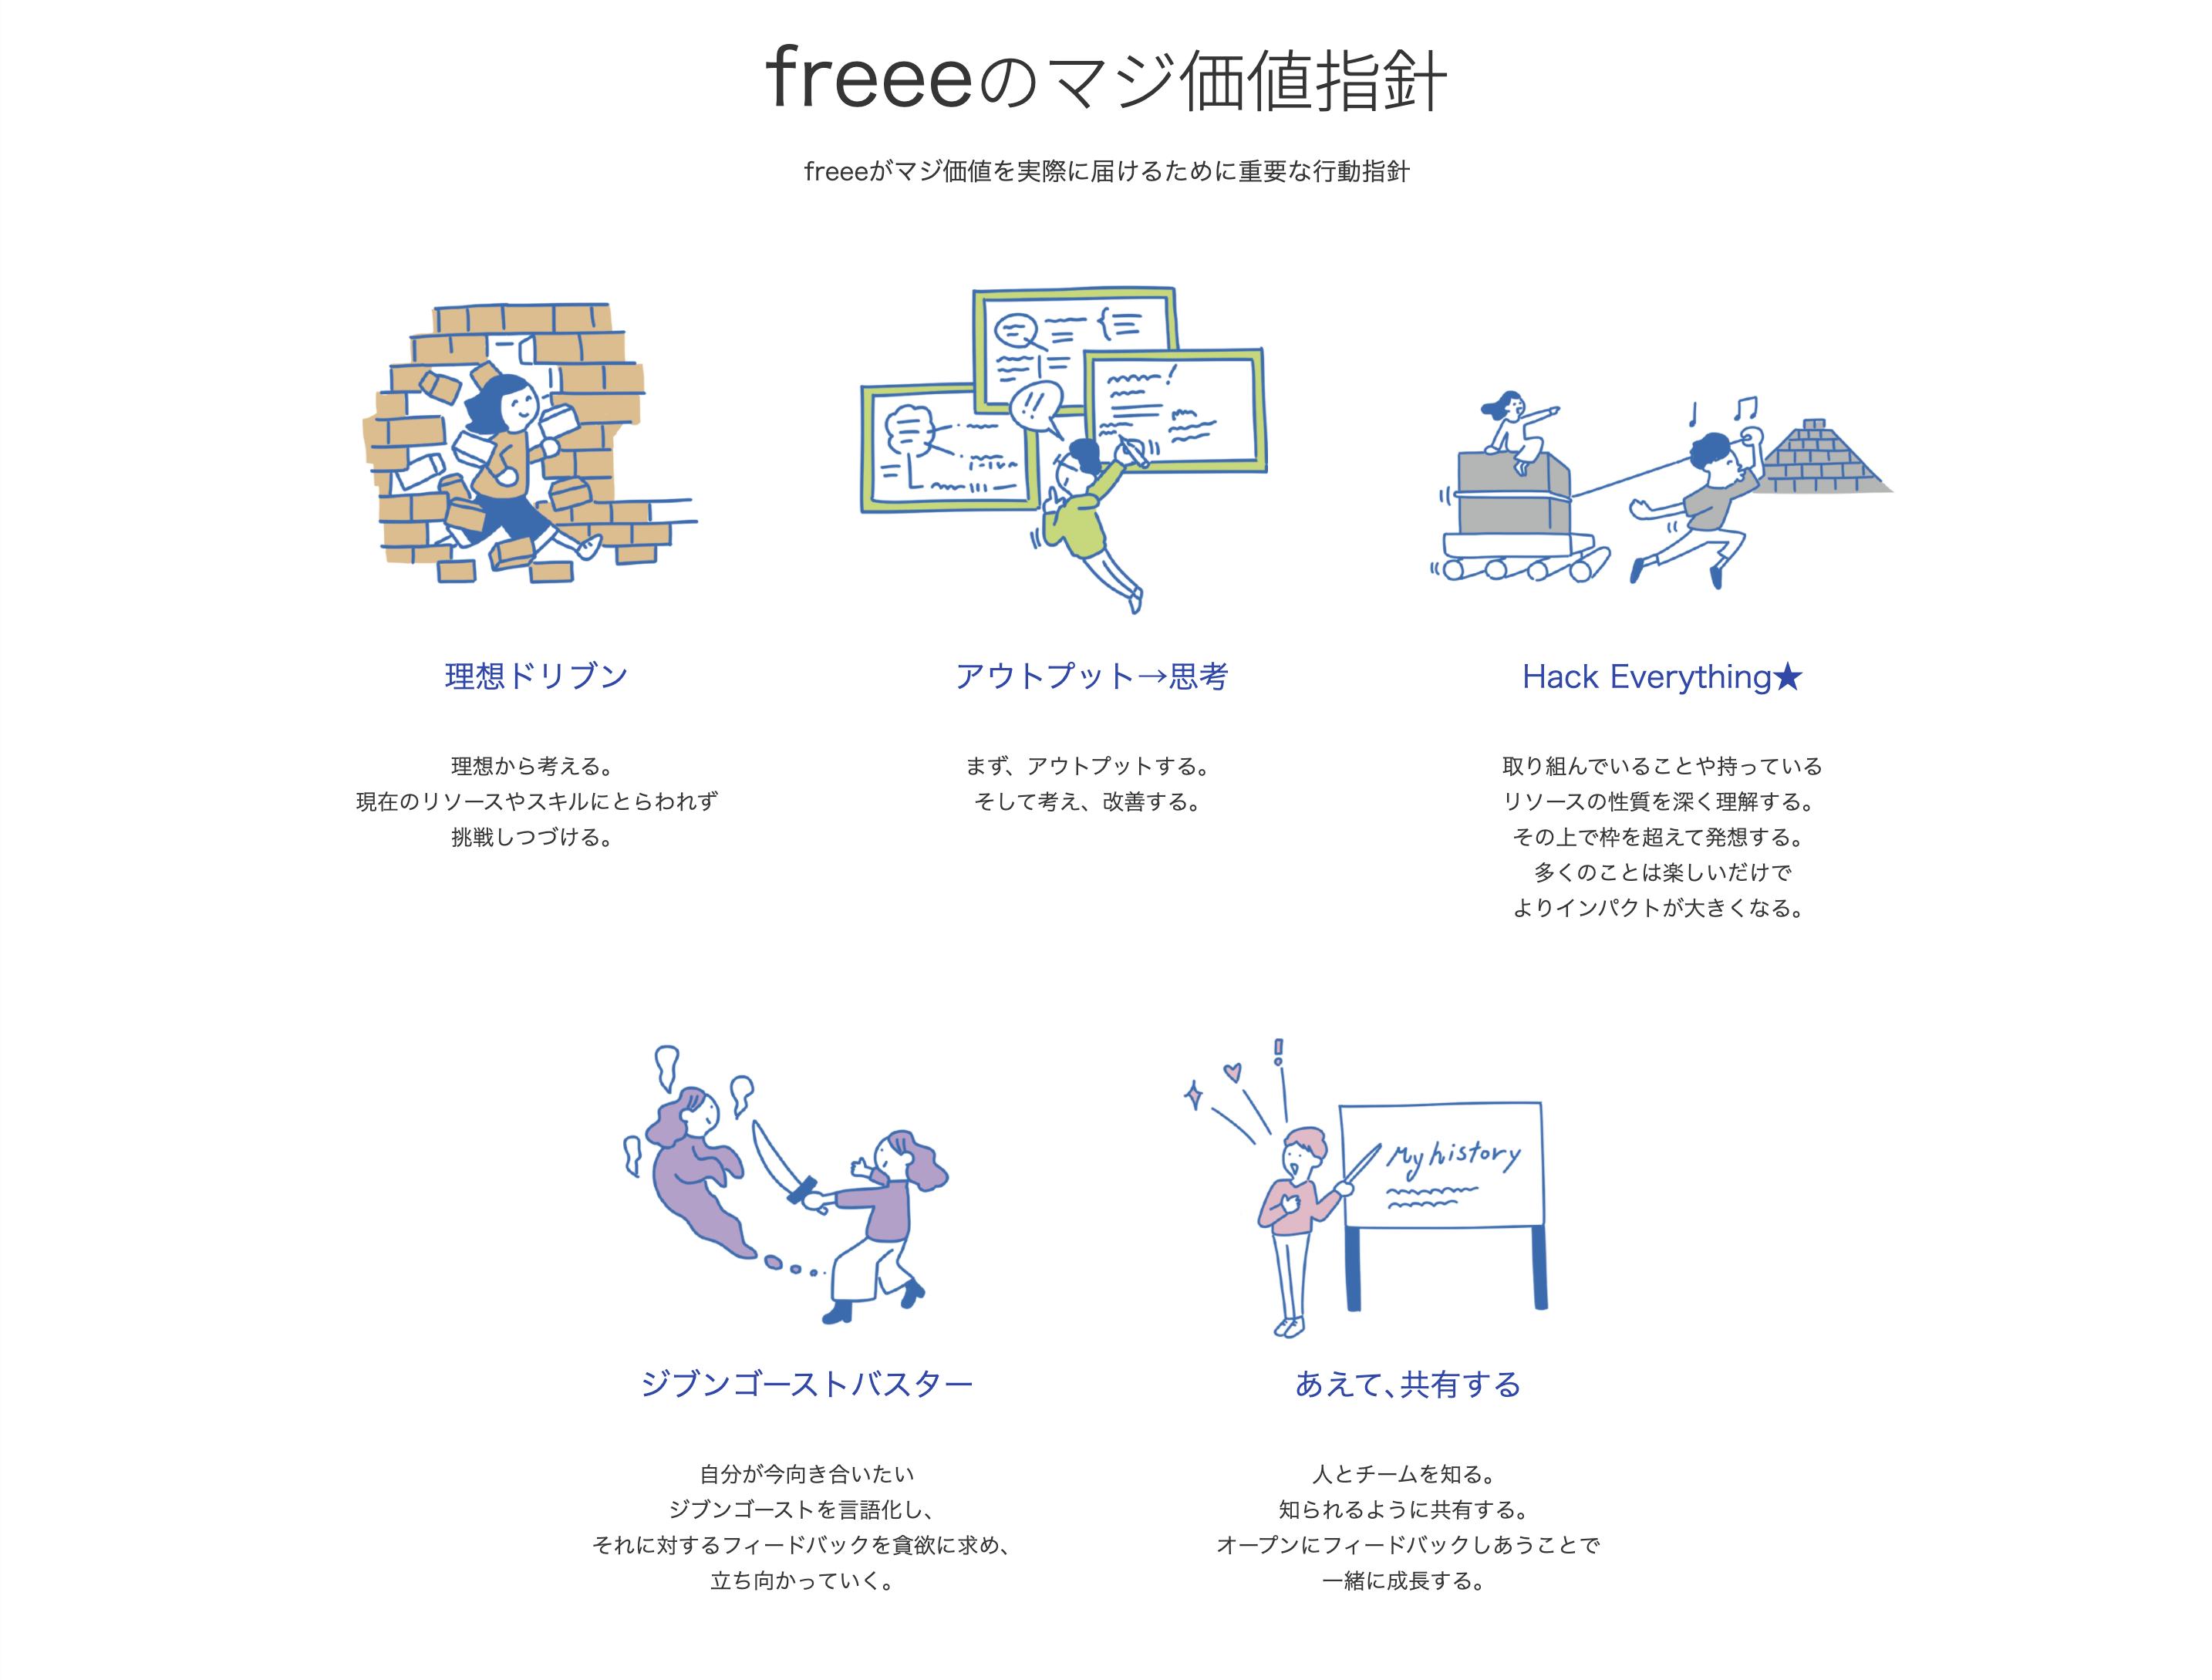 freeeのマジ価値指針